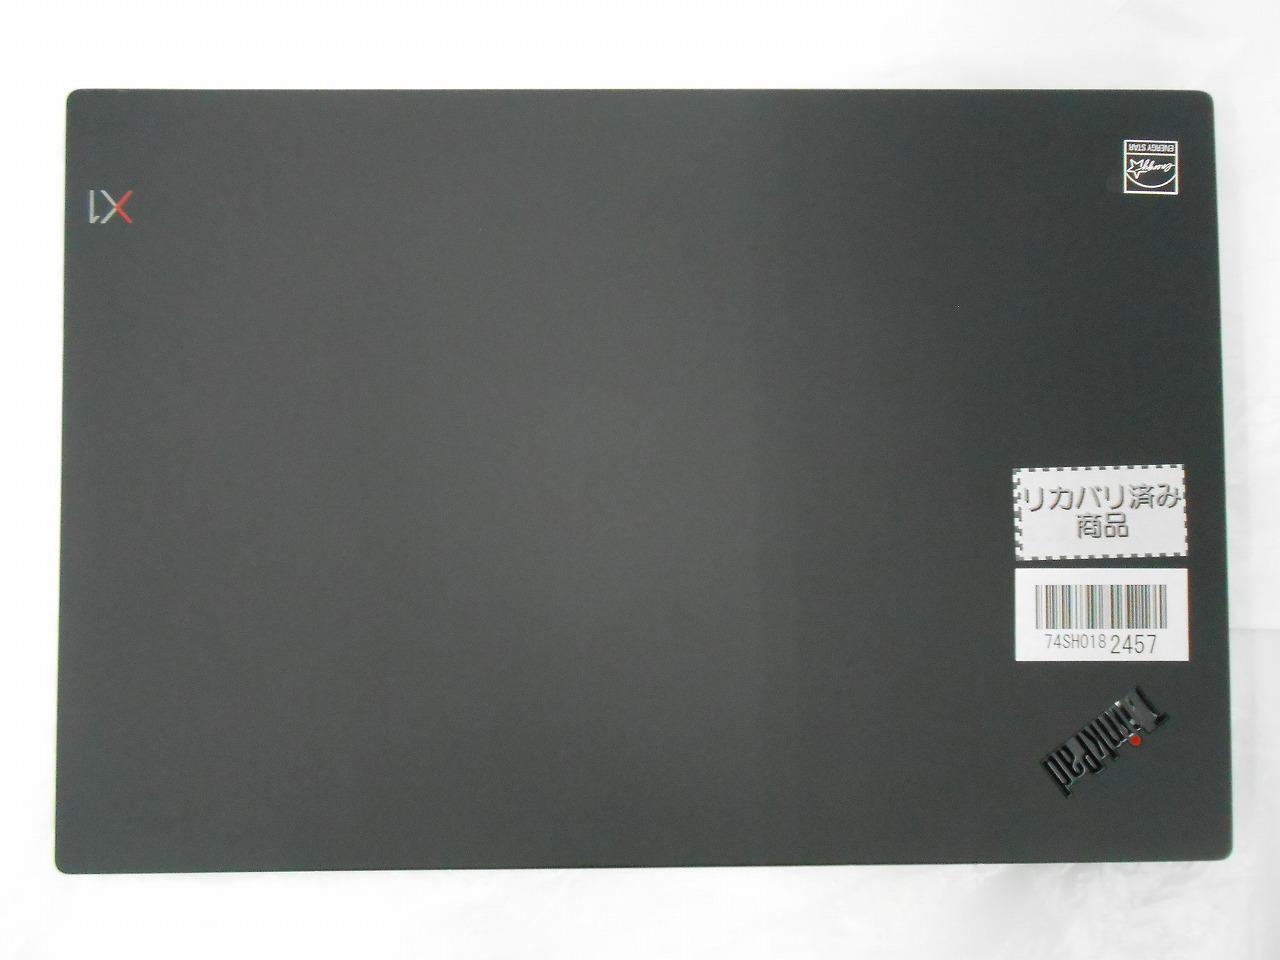 【中古】Lenovo ThinkPad X1 Carbon 7th/2019年モデル/Corei5 8365U 1.6GHz/メモリ8GB/SSD256GB/14インチ/Windows10Pro【3ヶ月保証】【足立店発送】